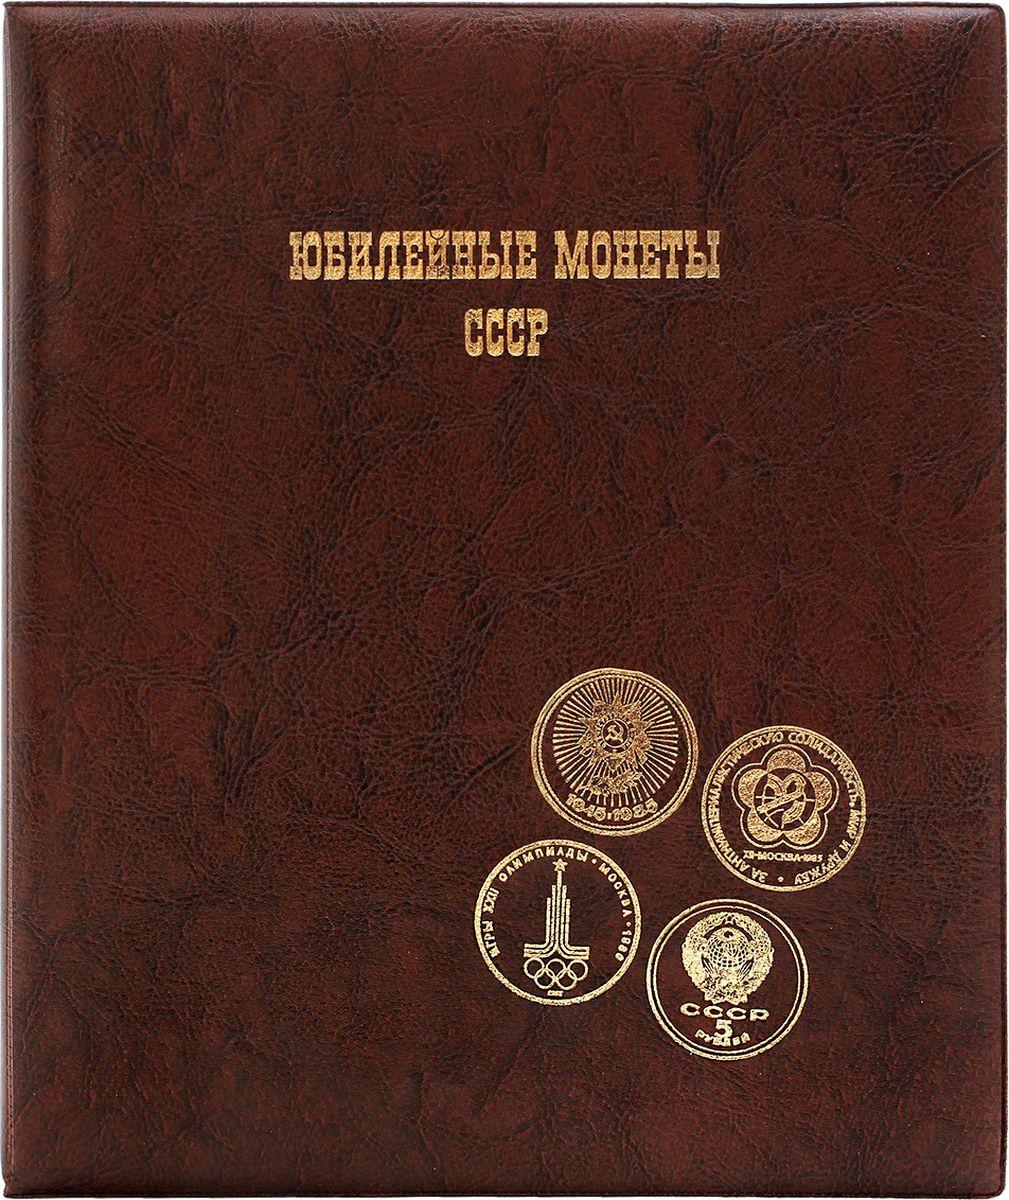 Альбом для монет Miland Patriot. Юбилейные монеты СССР, в сборе, 4 листа, 4 цветных вкладыша, цвет: коричневый, 230 x 265 x 40 мм юбилейные и памятные монеты ссср 1965 1989